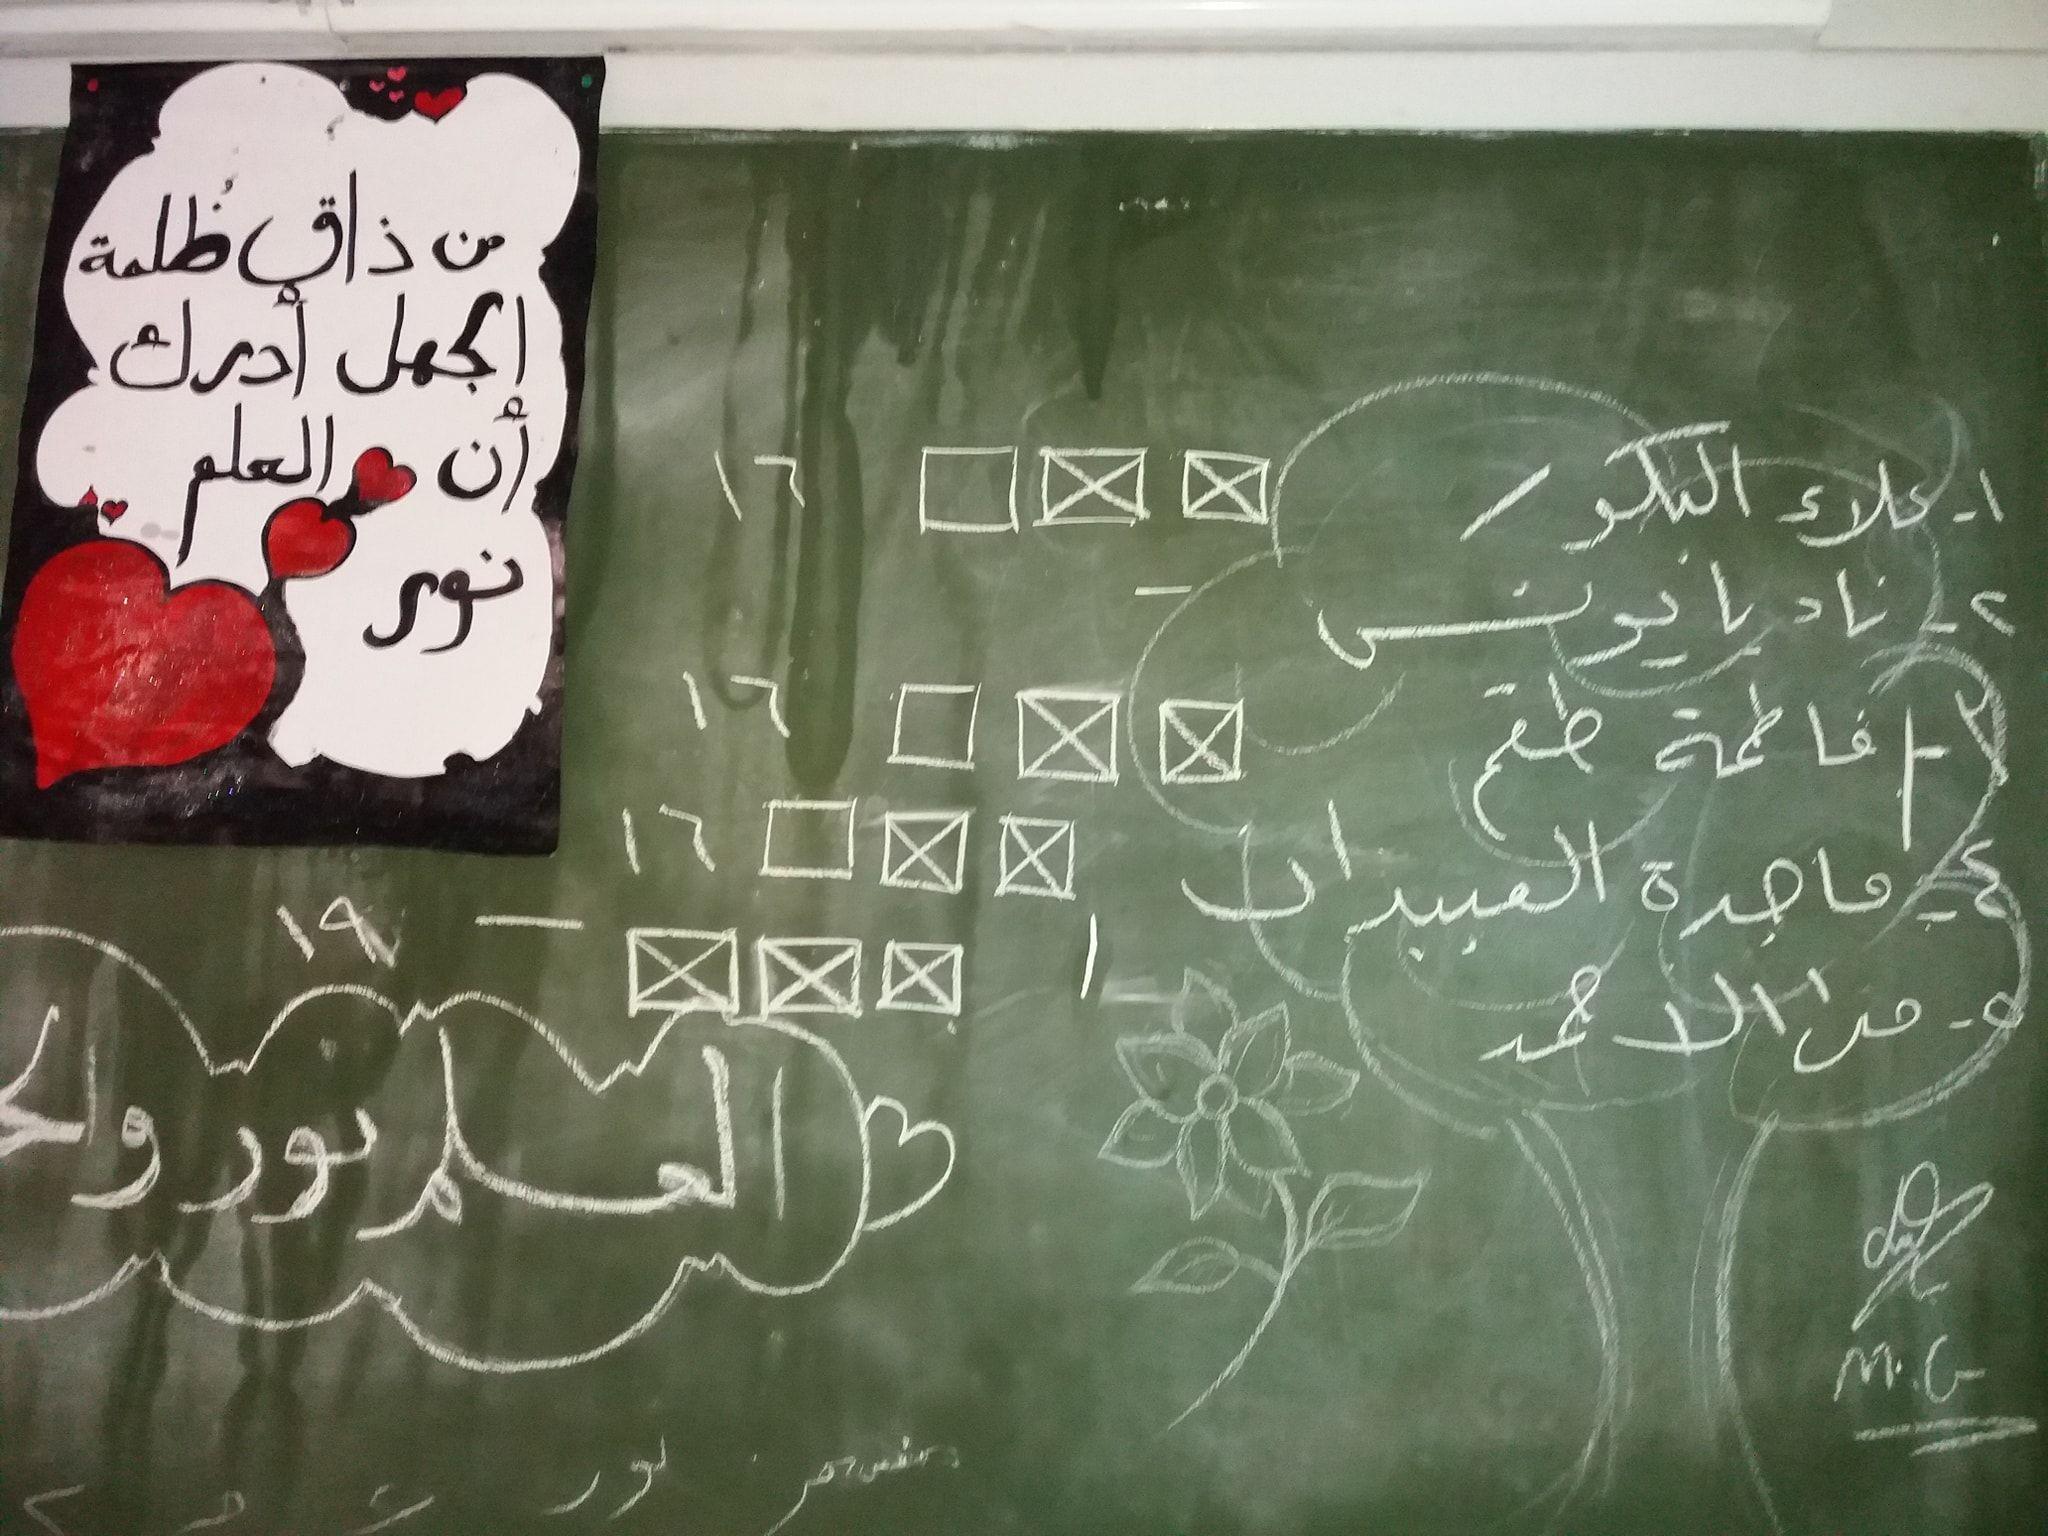 من ذاق ظلمة الجهل أدرك ان العلم نور مصطفى نور الدين Chalkboard Quote Art Art Quotes Chalkboard Quotes